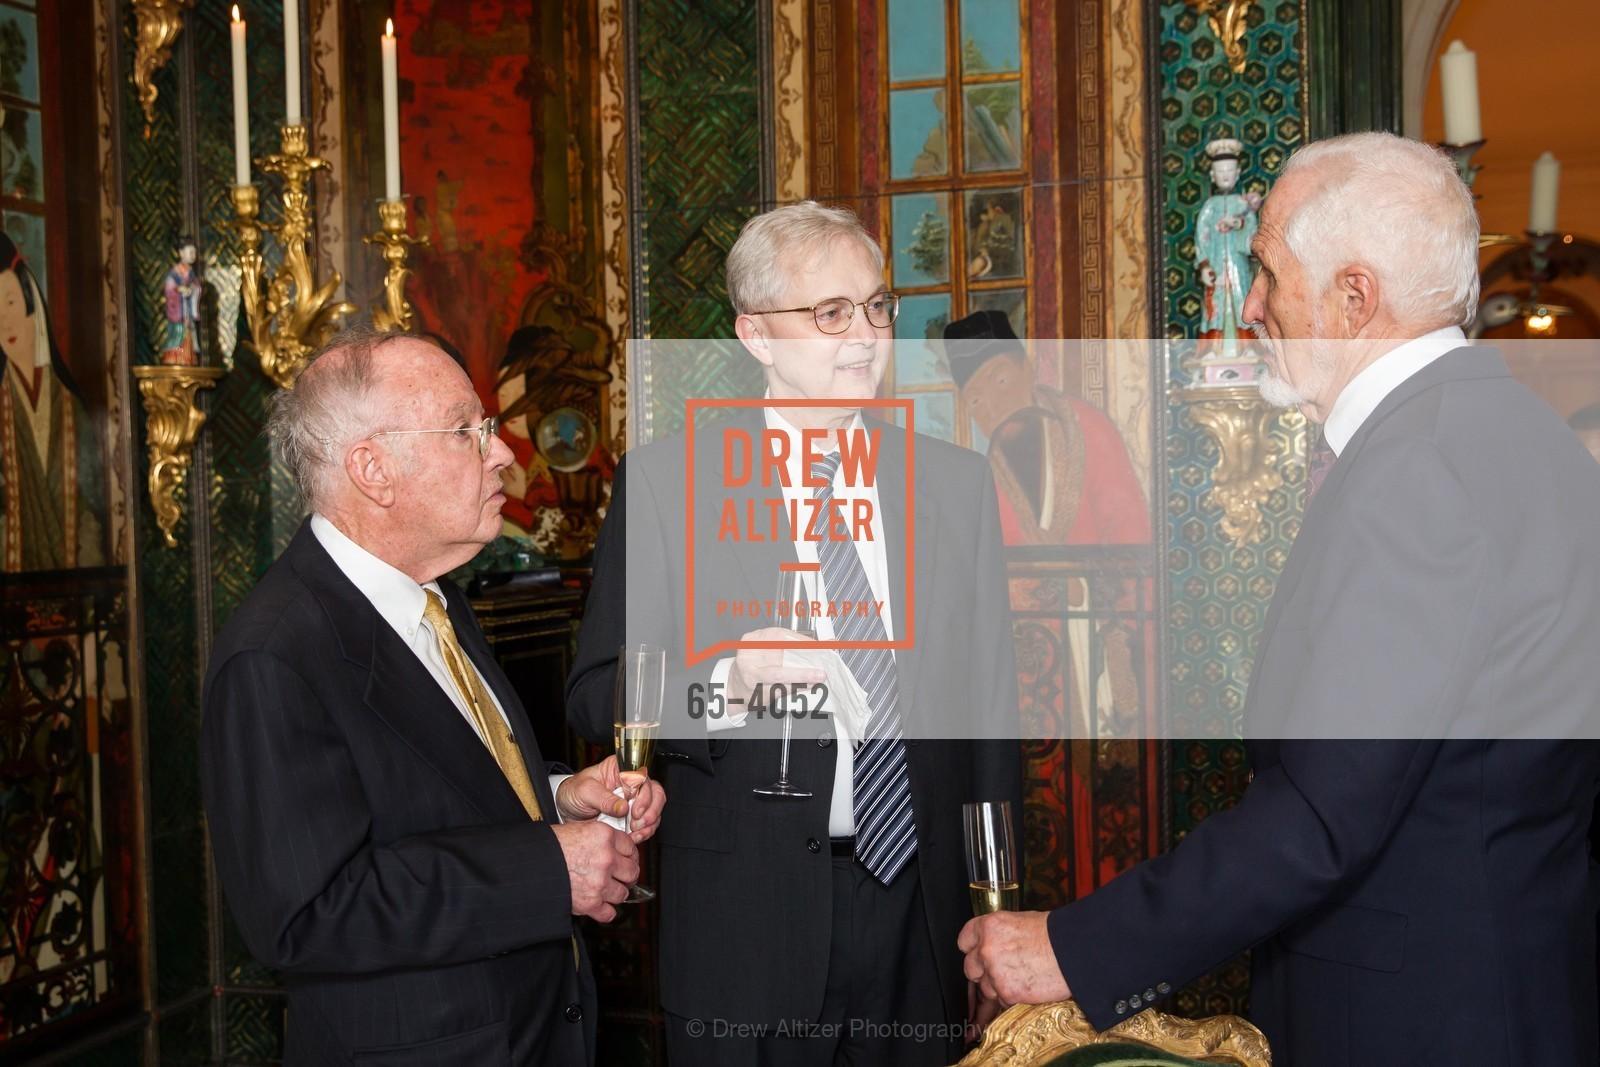 Wray Humphrey, Ross Armstrong, Don Buhman, Photo #65-4052